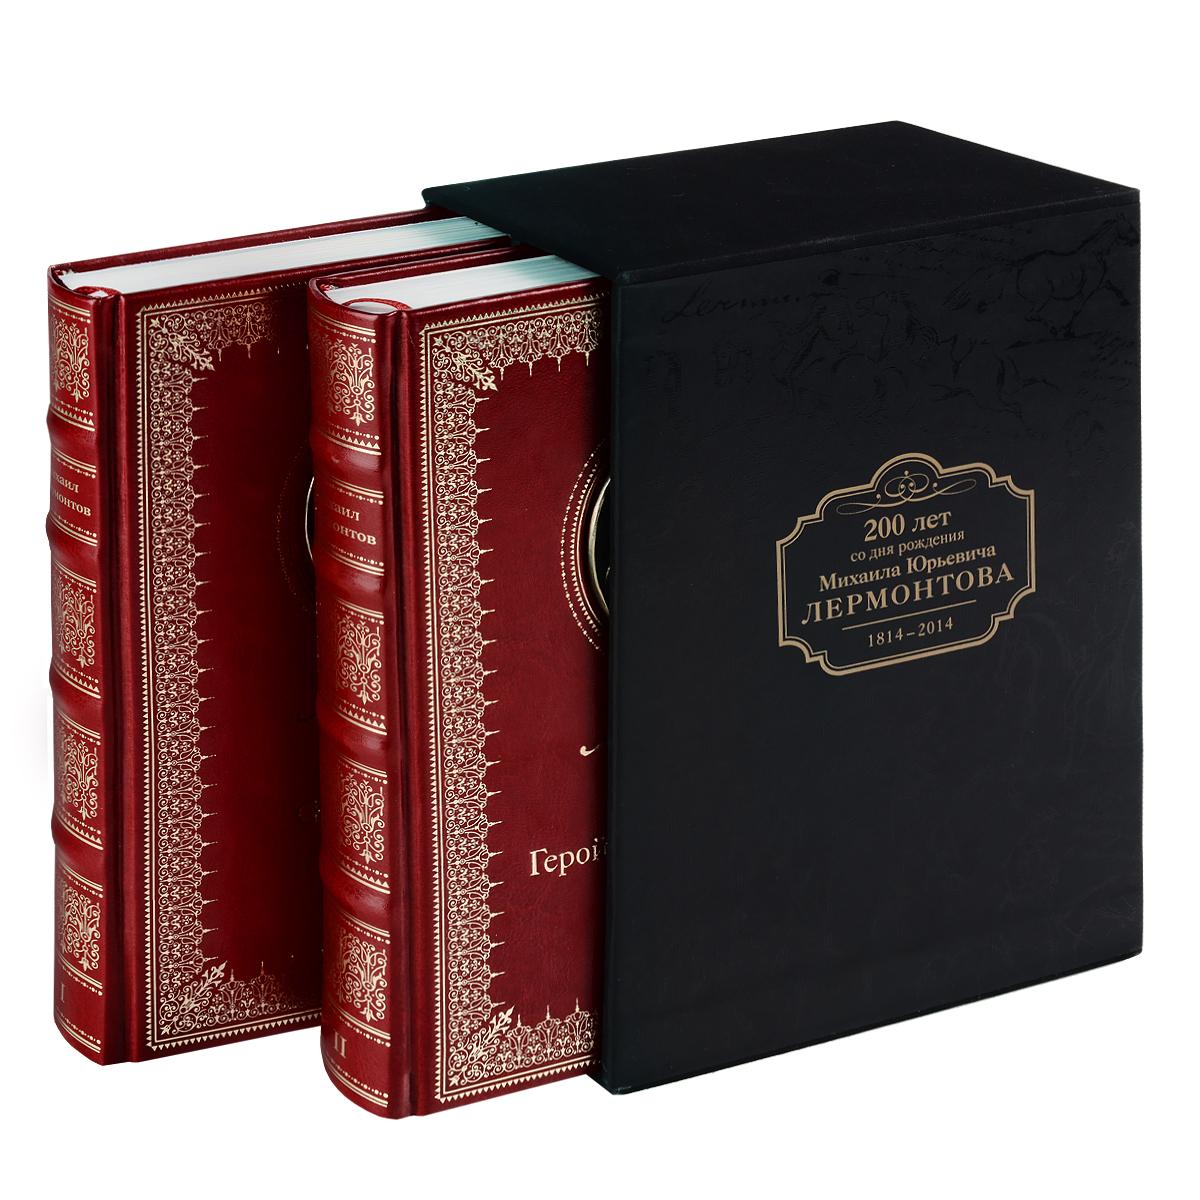 М. Ю. Лермонтов М. Ю. Лермонтов. Избранные сочинения в 2 томах (подарочный комплект)